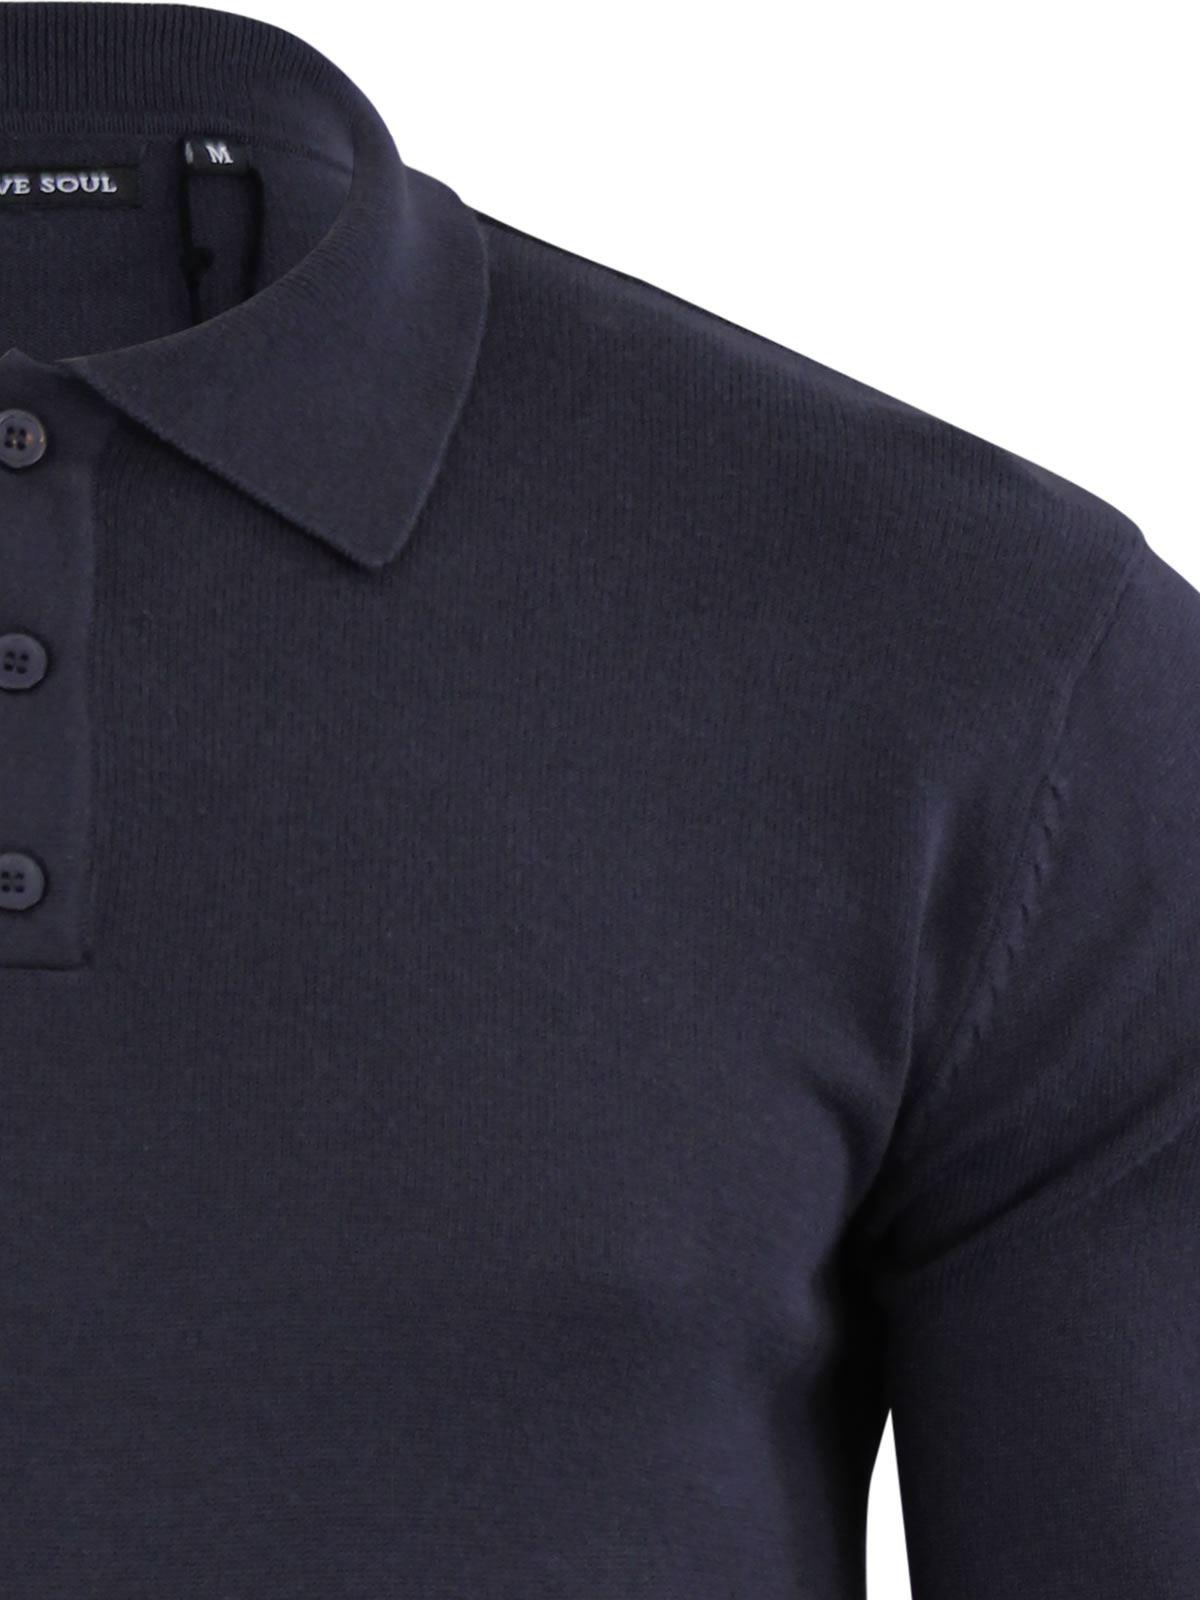 Brave-Soul-Patte-De-Boutonnage-Homme-Tricot-Polo-T-Shirt-a-Col-Pull miniature 4